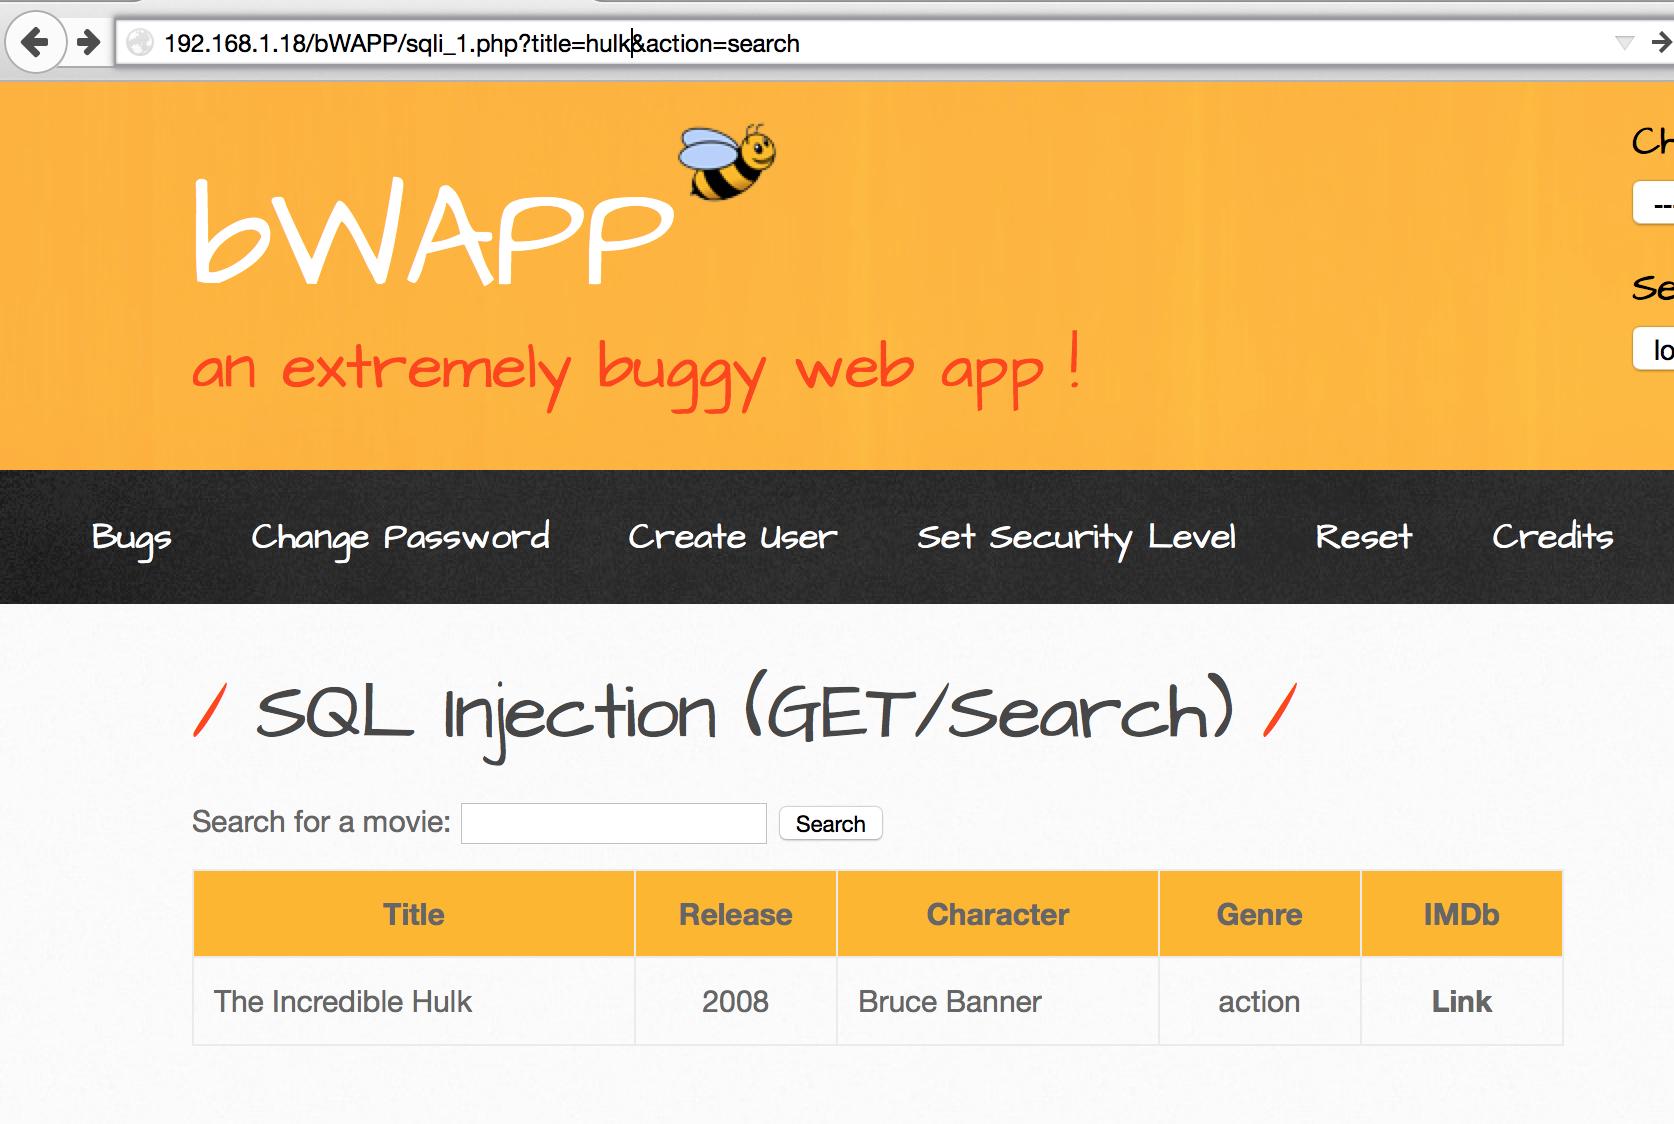 Обзор площадки для тестирования веб-уязвимостей OWASP Top-10 на примере bWAPP - 5